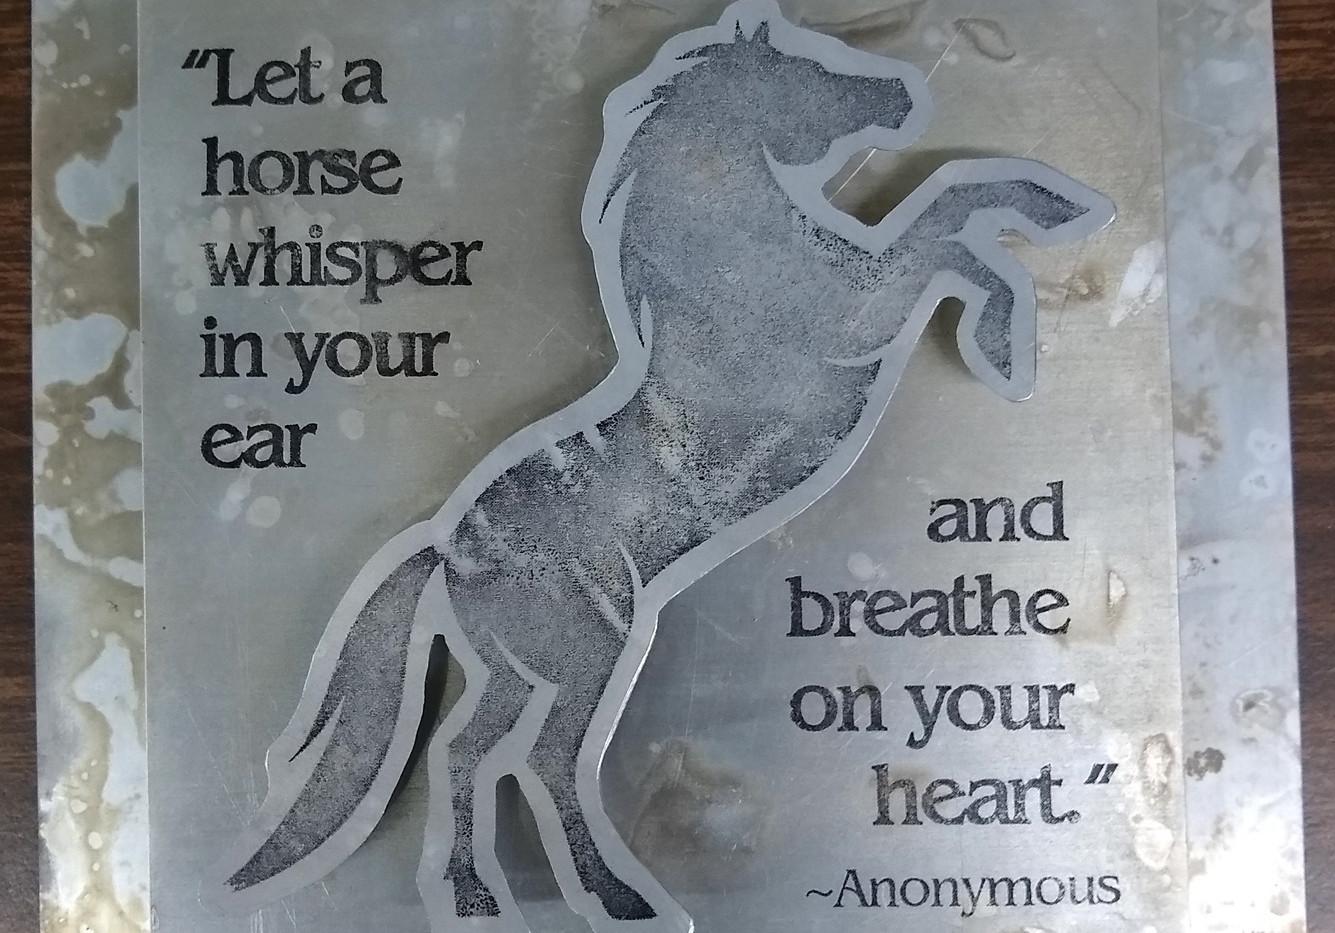 Horse - Whisper.jpg